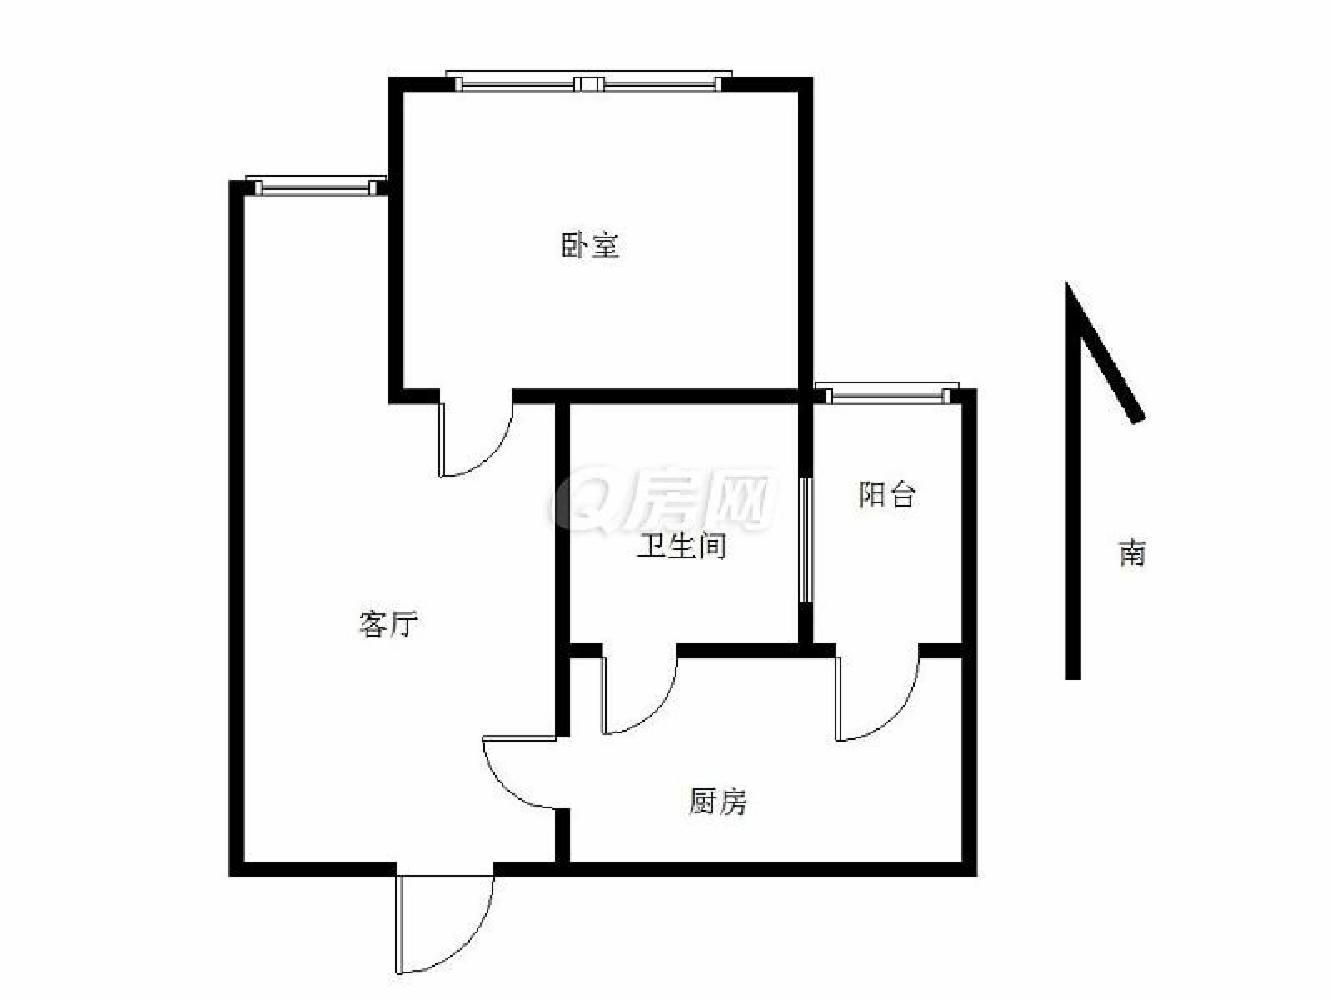 鼓楼区大桥南路中海凯旋门1室1厅户型图